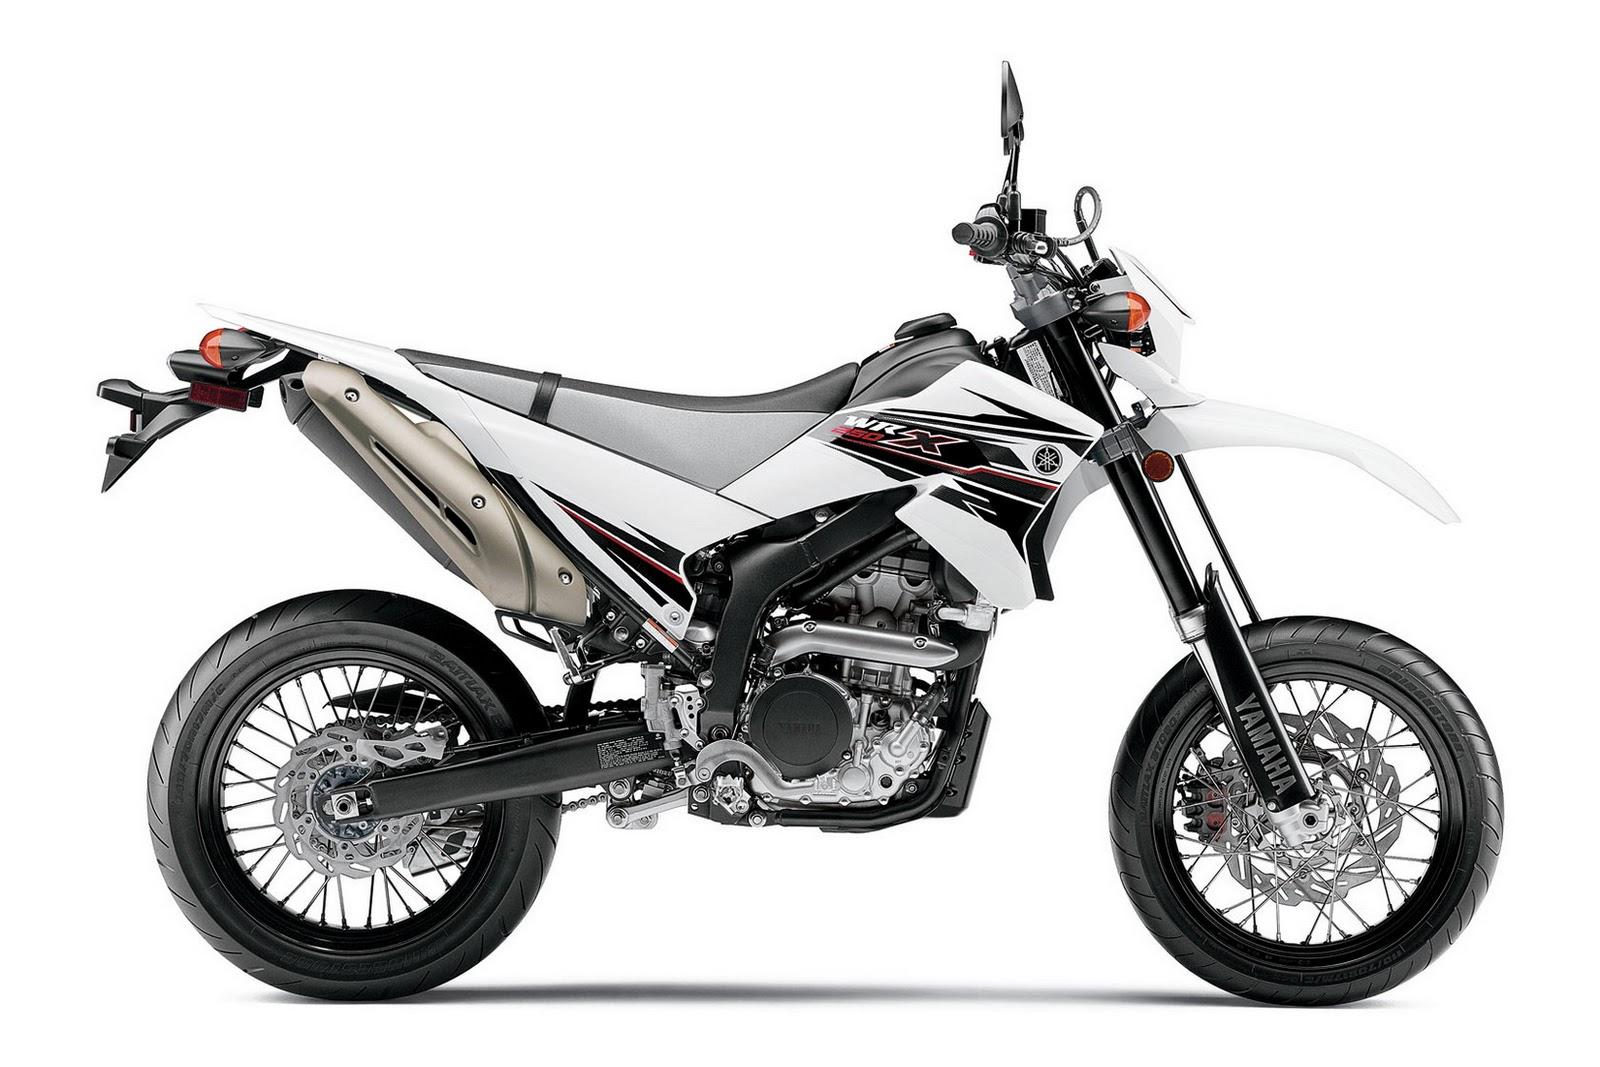 Yamaha Wrx Best Supermoto